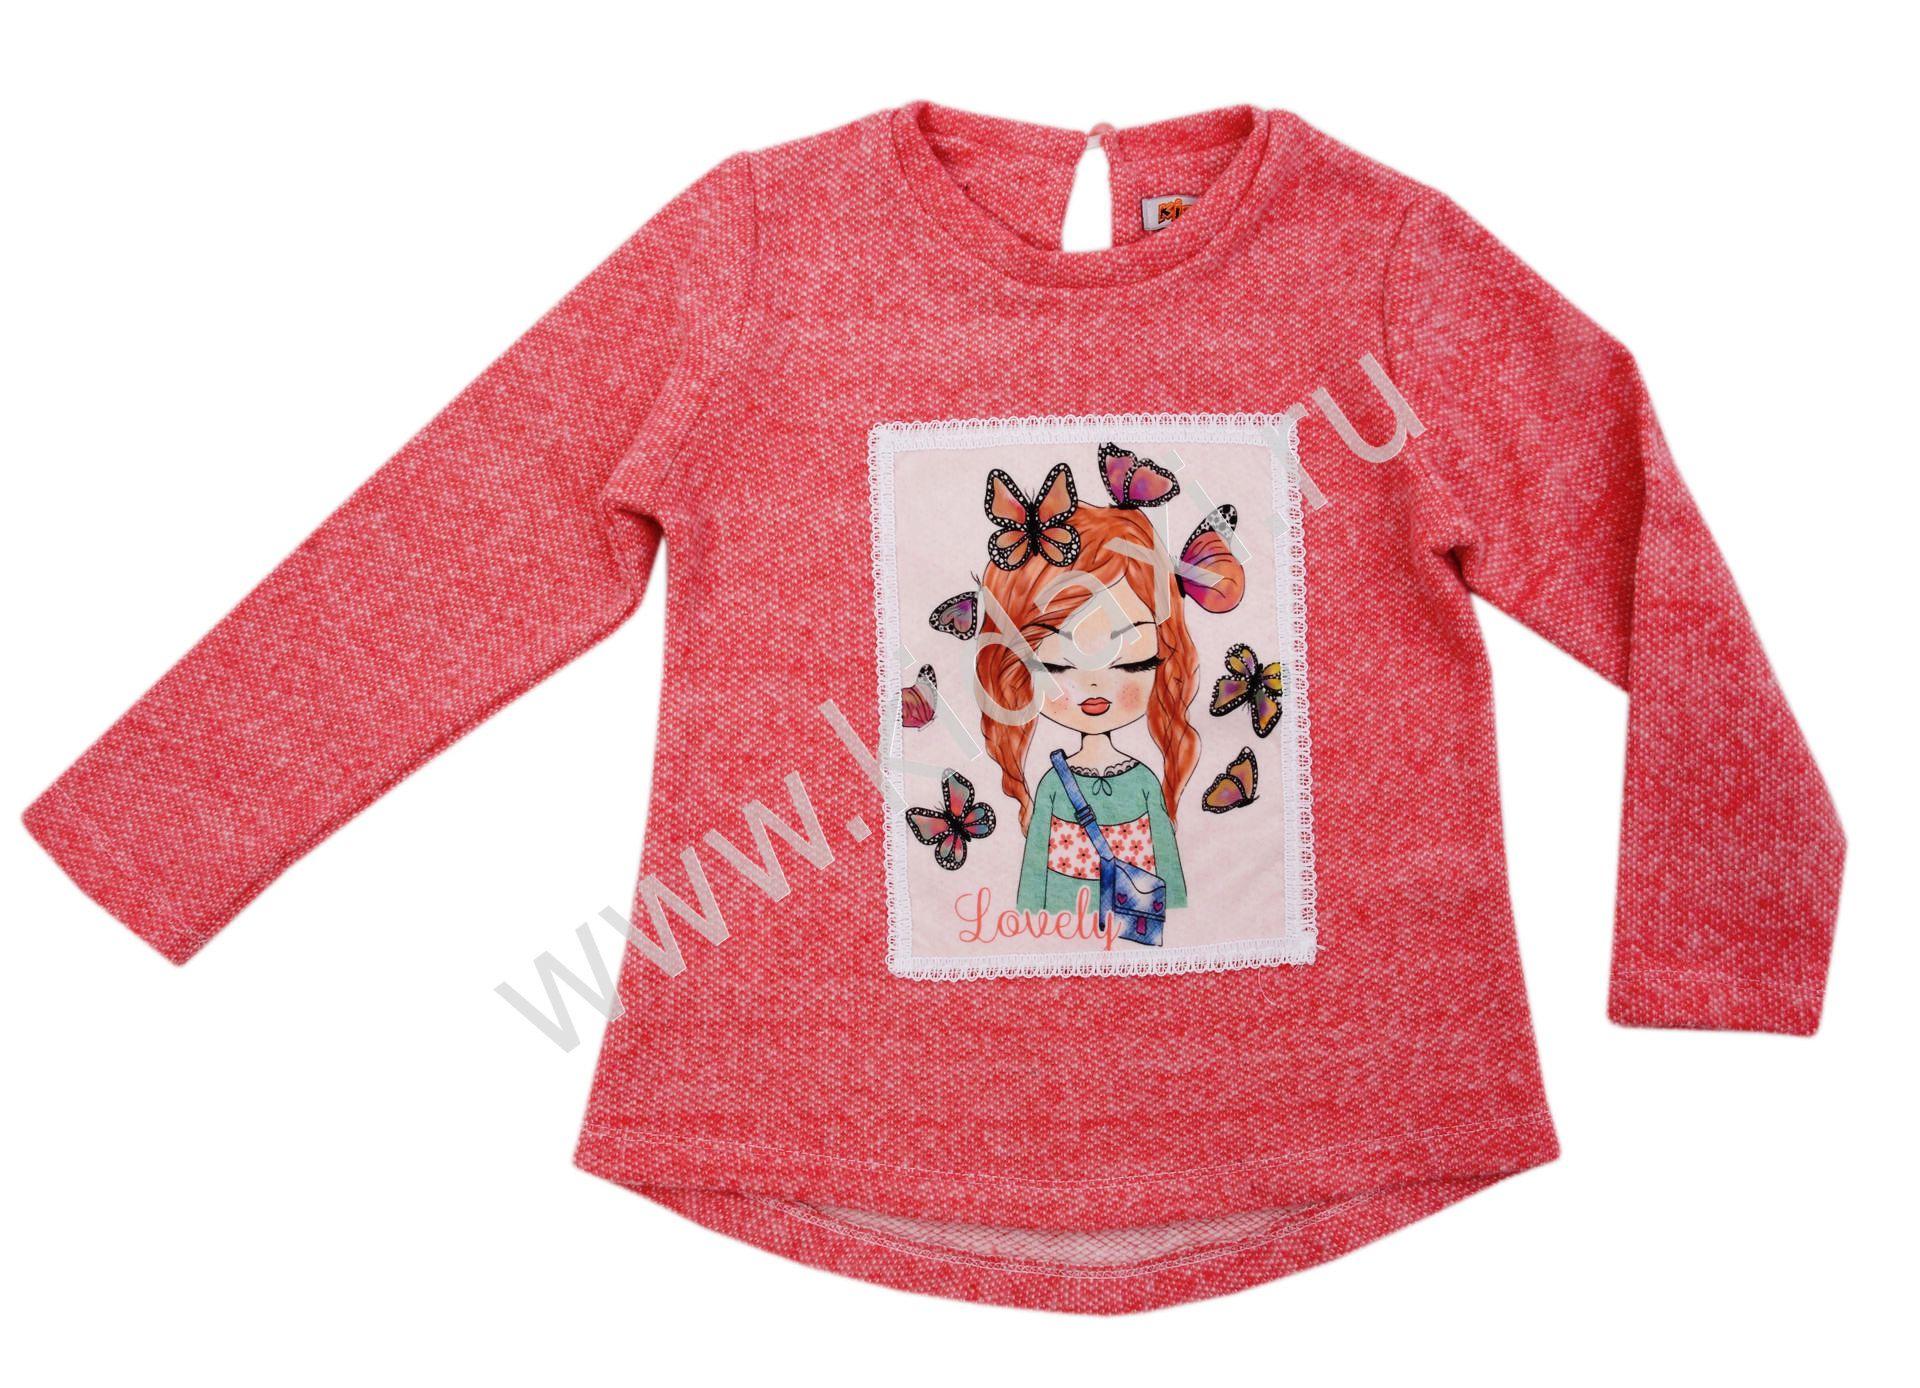 Сбор заказов. Ура! Распродажа! Нереально красивая Турция! Лучшие бренды! Лучшее качество! Лучшие цены! Лучшая одежда для наших детей от 0 до 12 лет! 7 выкуп.